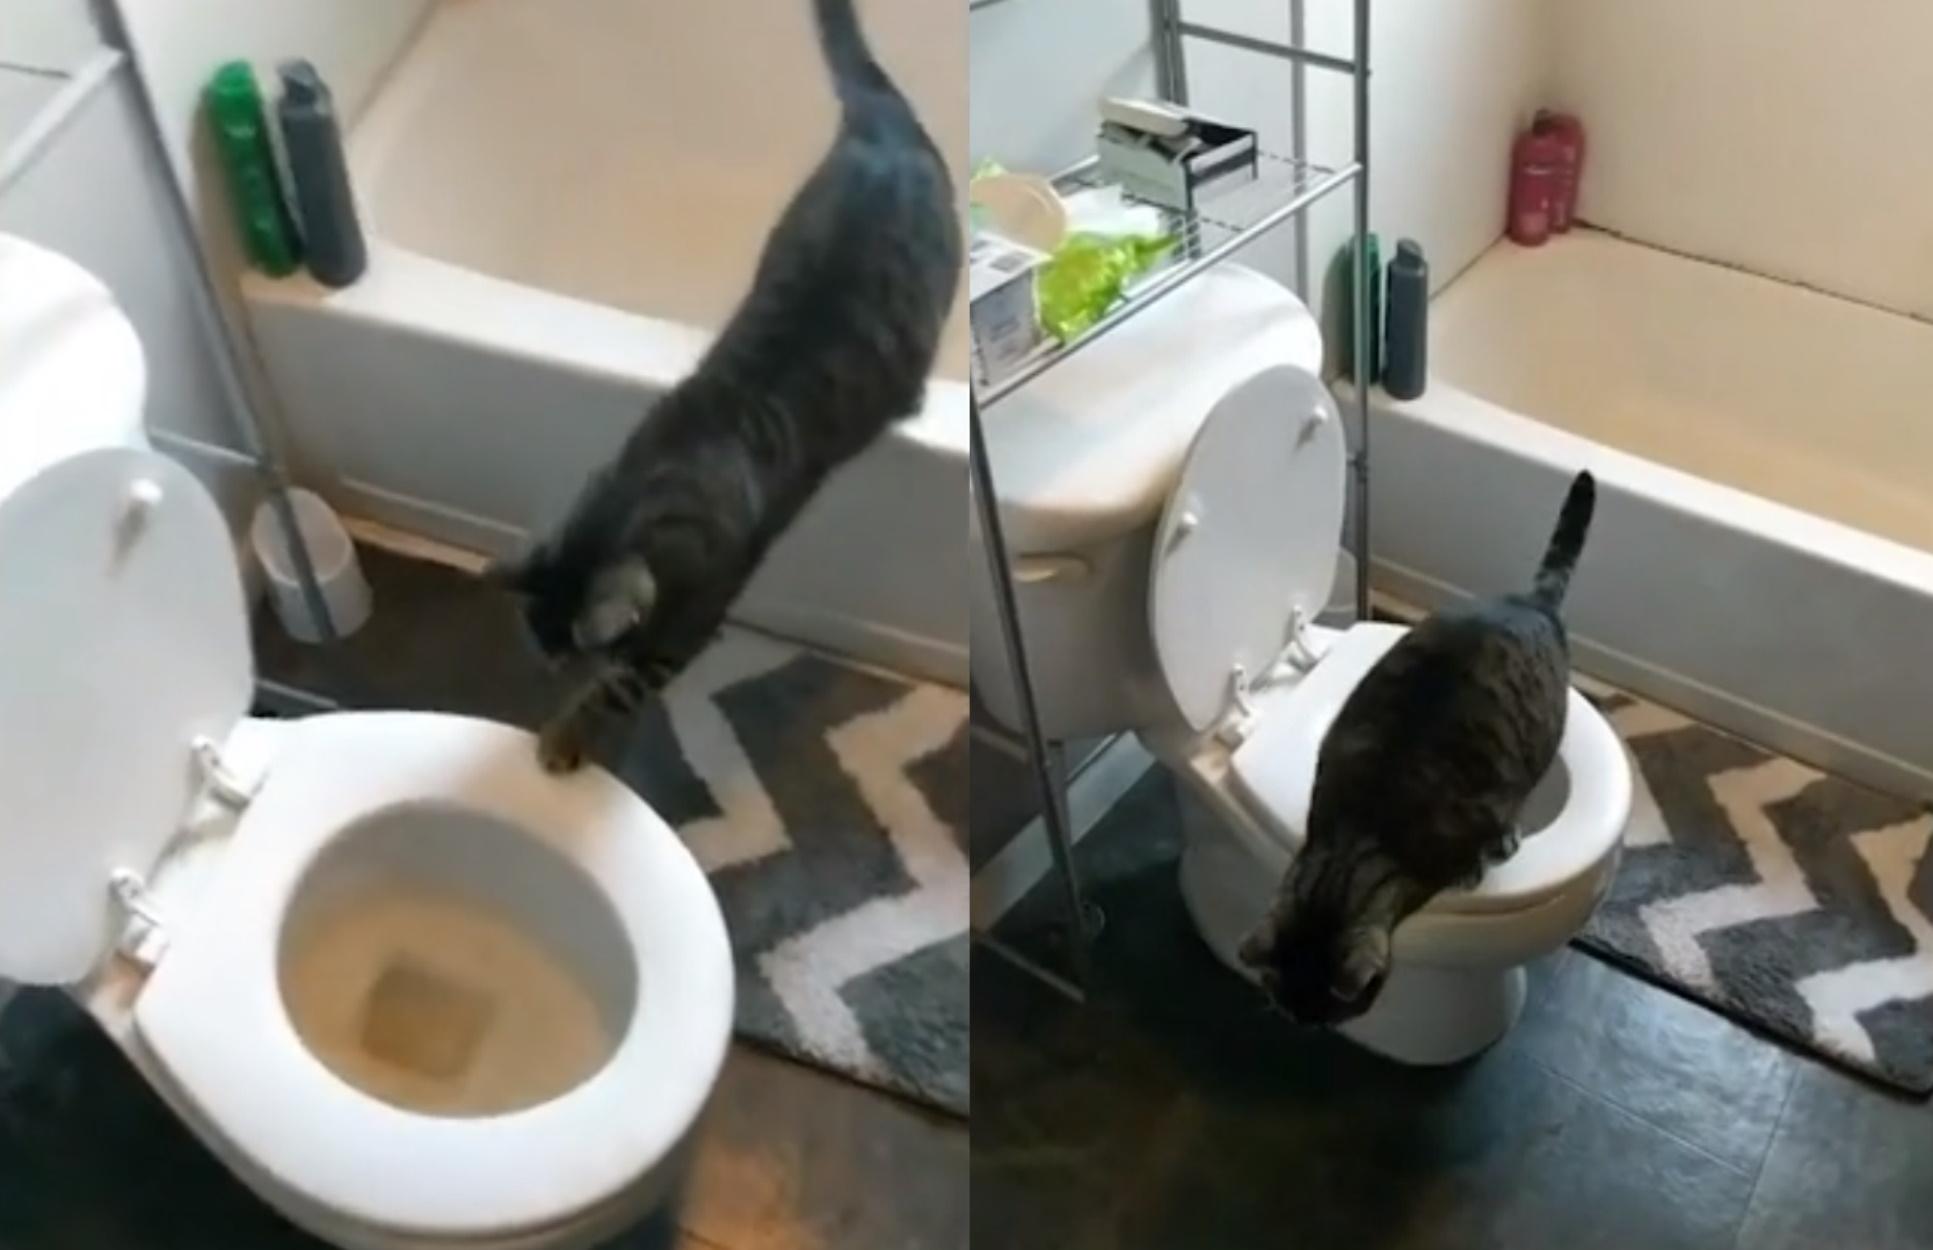 Γάτα χρησιμοποιεί άριστα τουαλέτα για να κάνει την ανάγκη της!